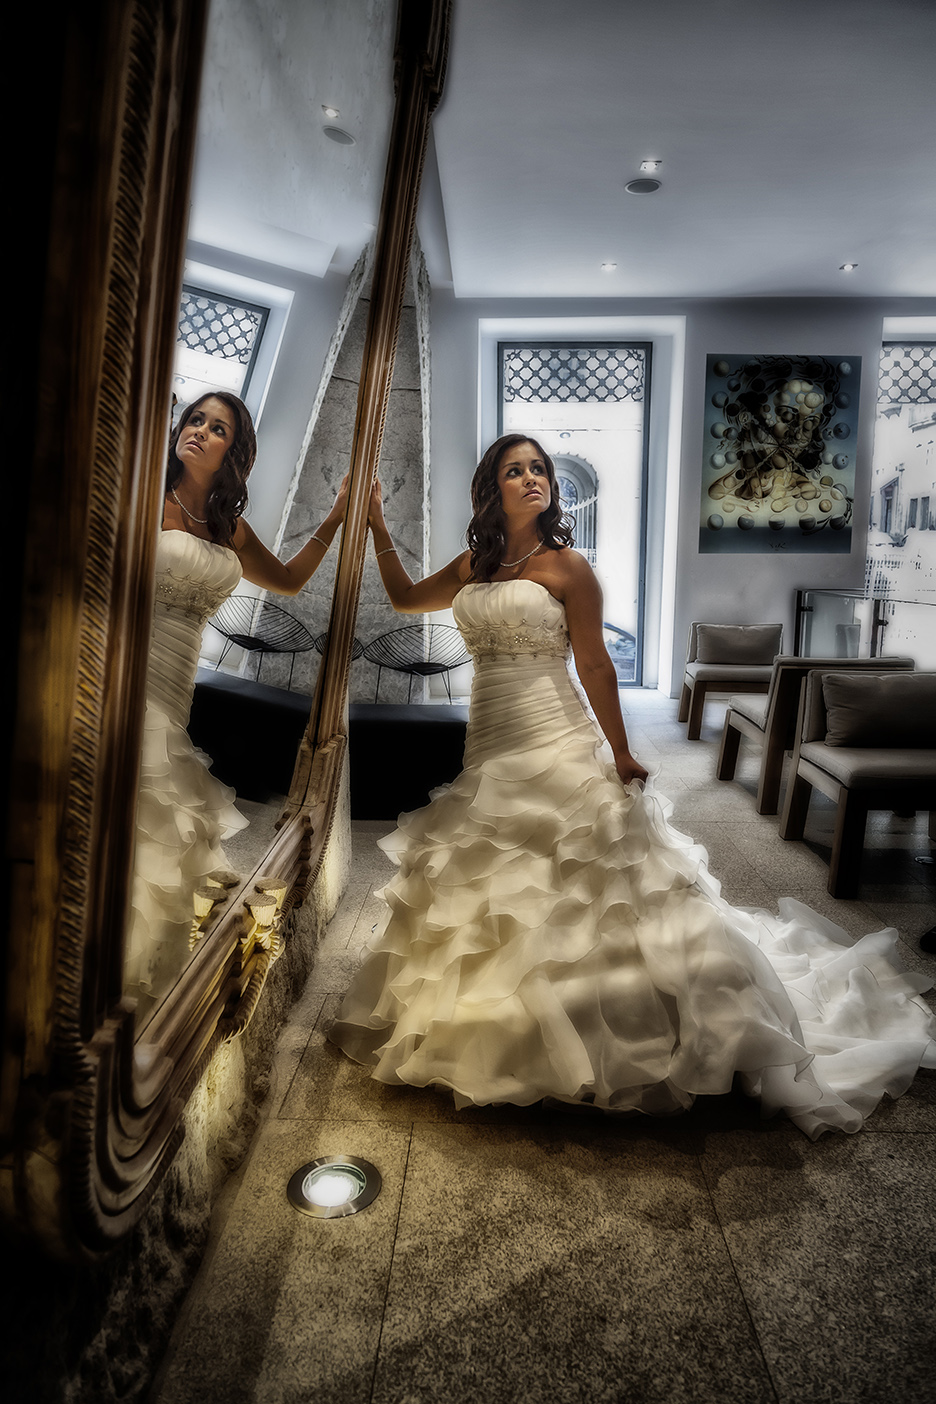 Boda_fotografo_barcelona_salvador_del_Jesus_wedding03A